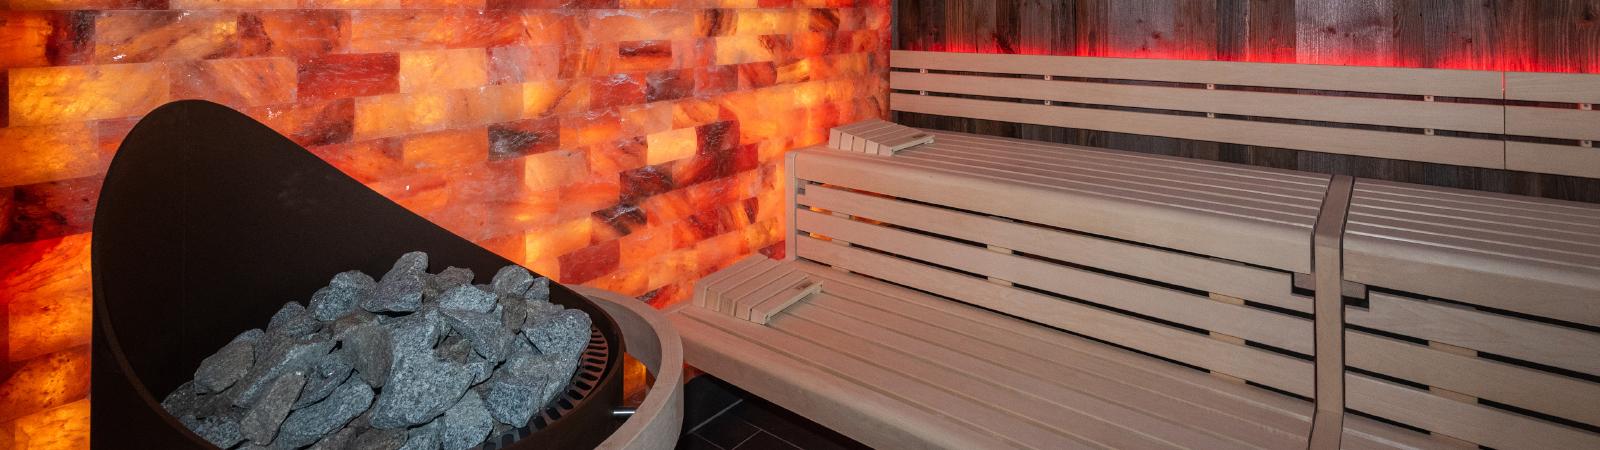 Saunawelt 4 Slide